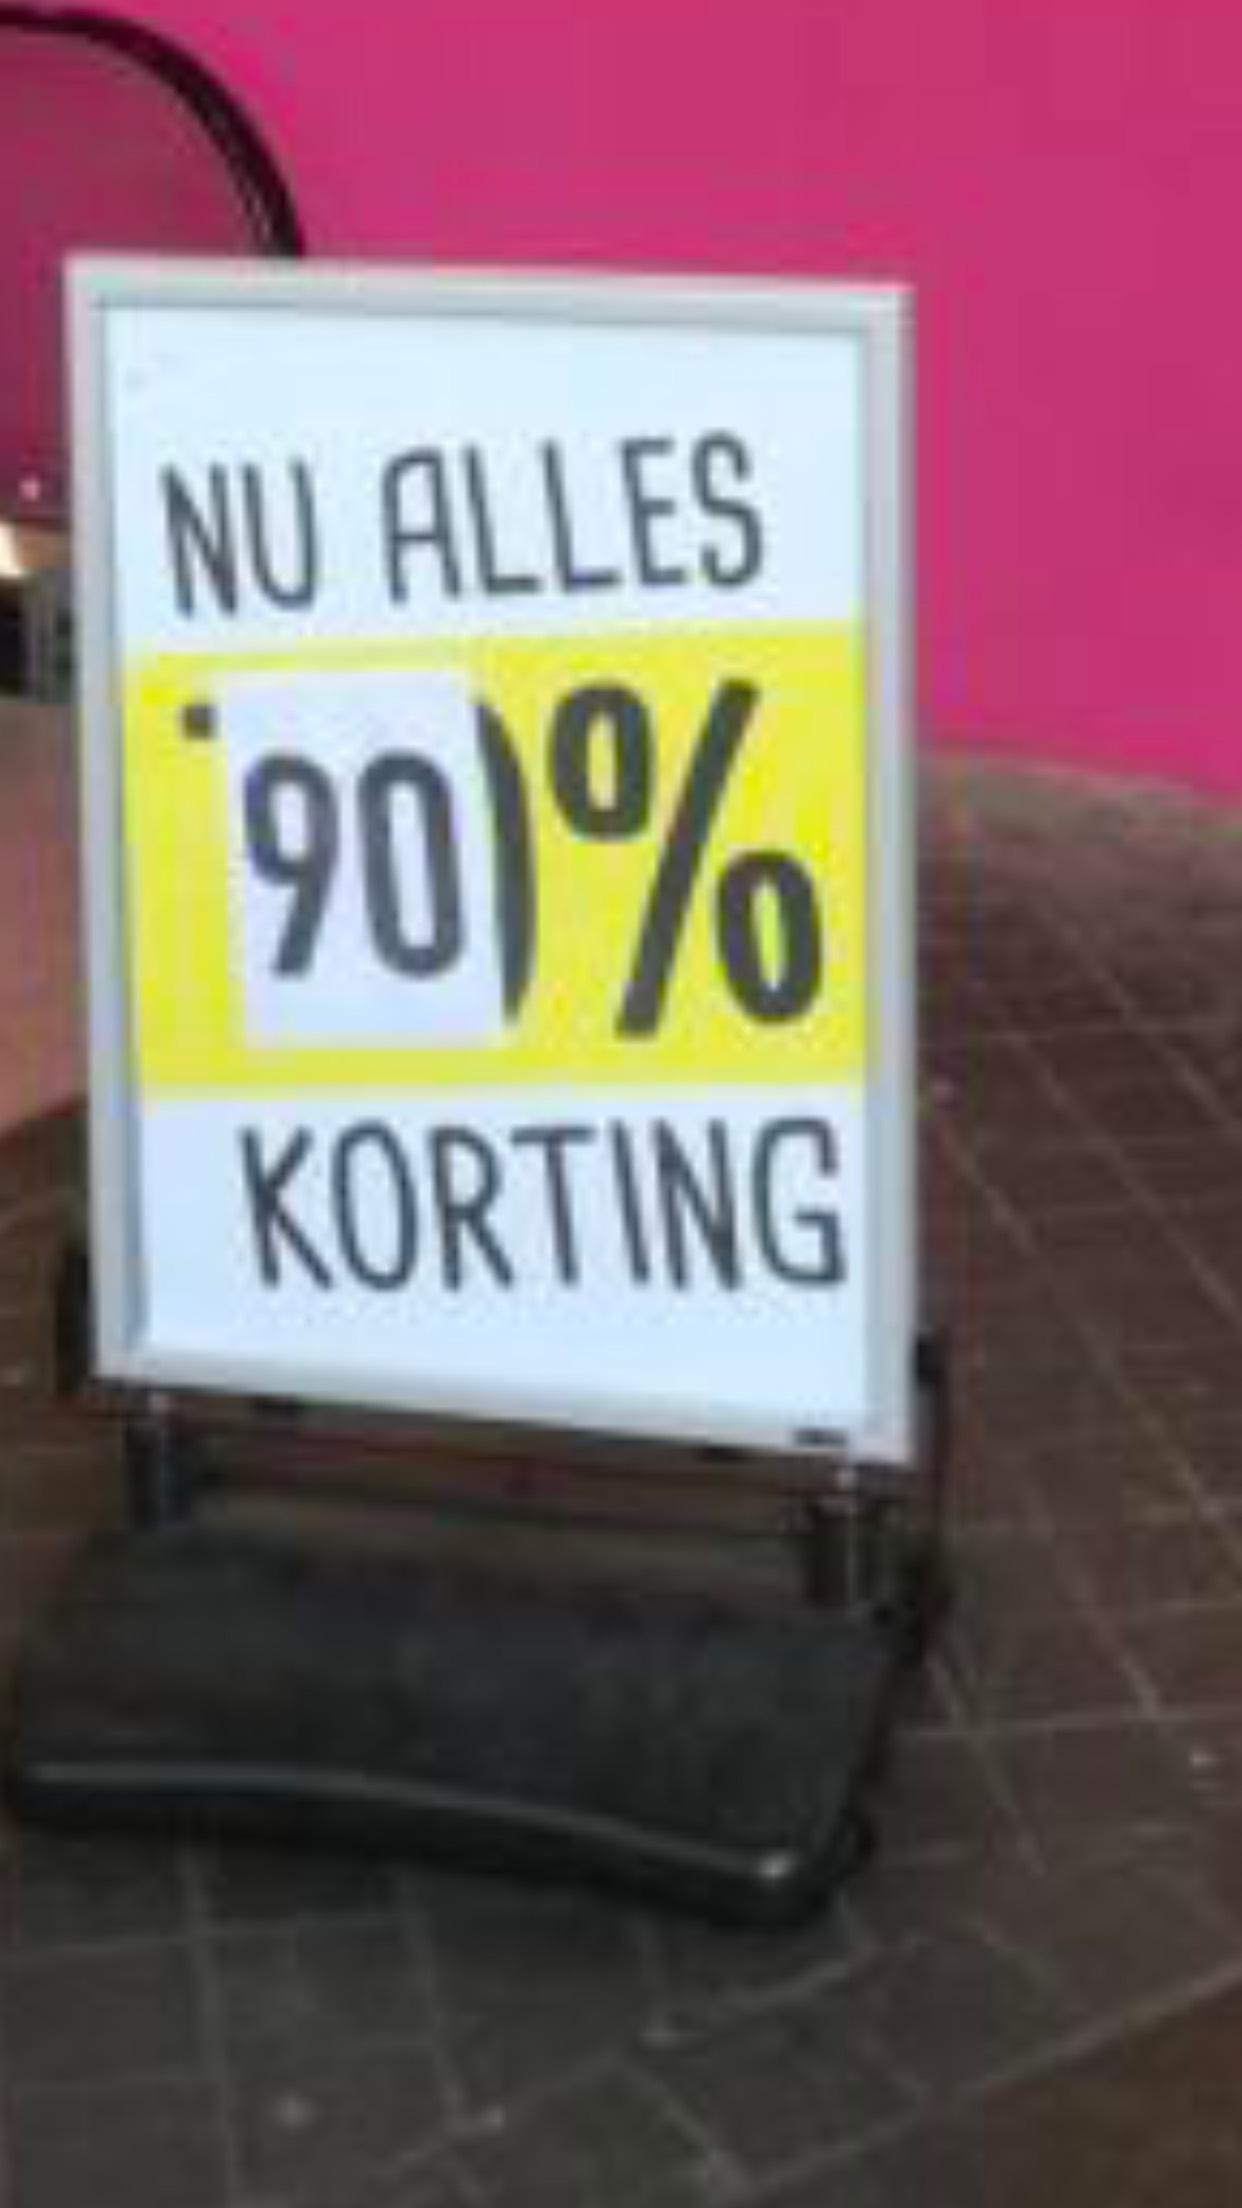 Xenos Hellevoetsluis laatste verkoopdag 90% korting